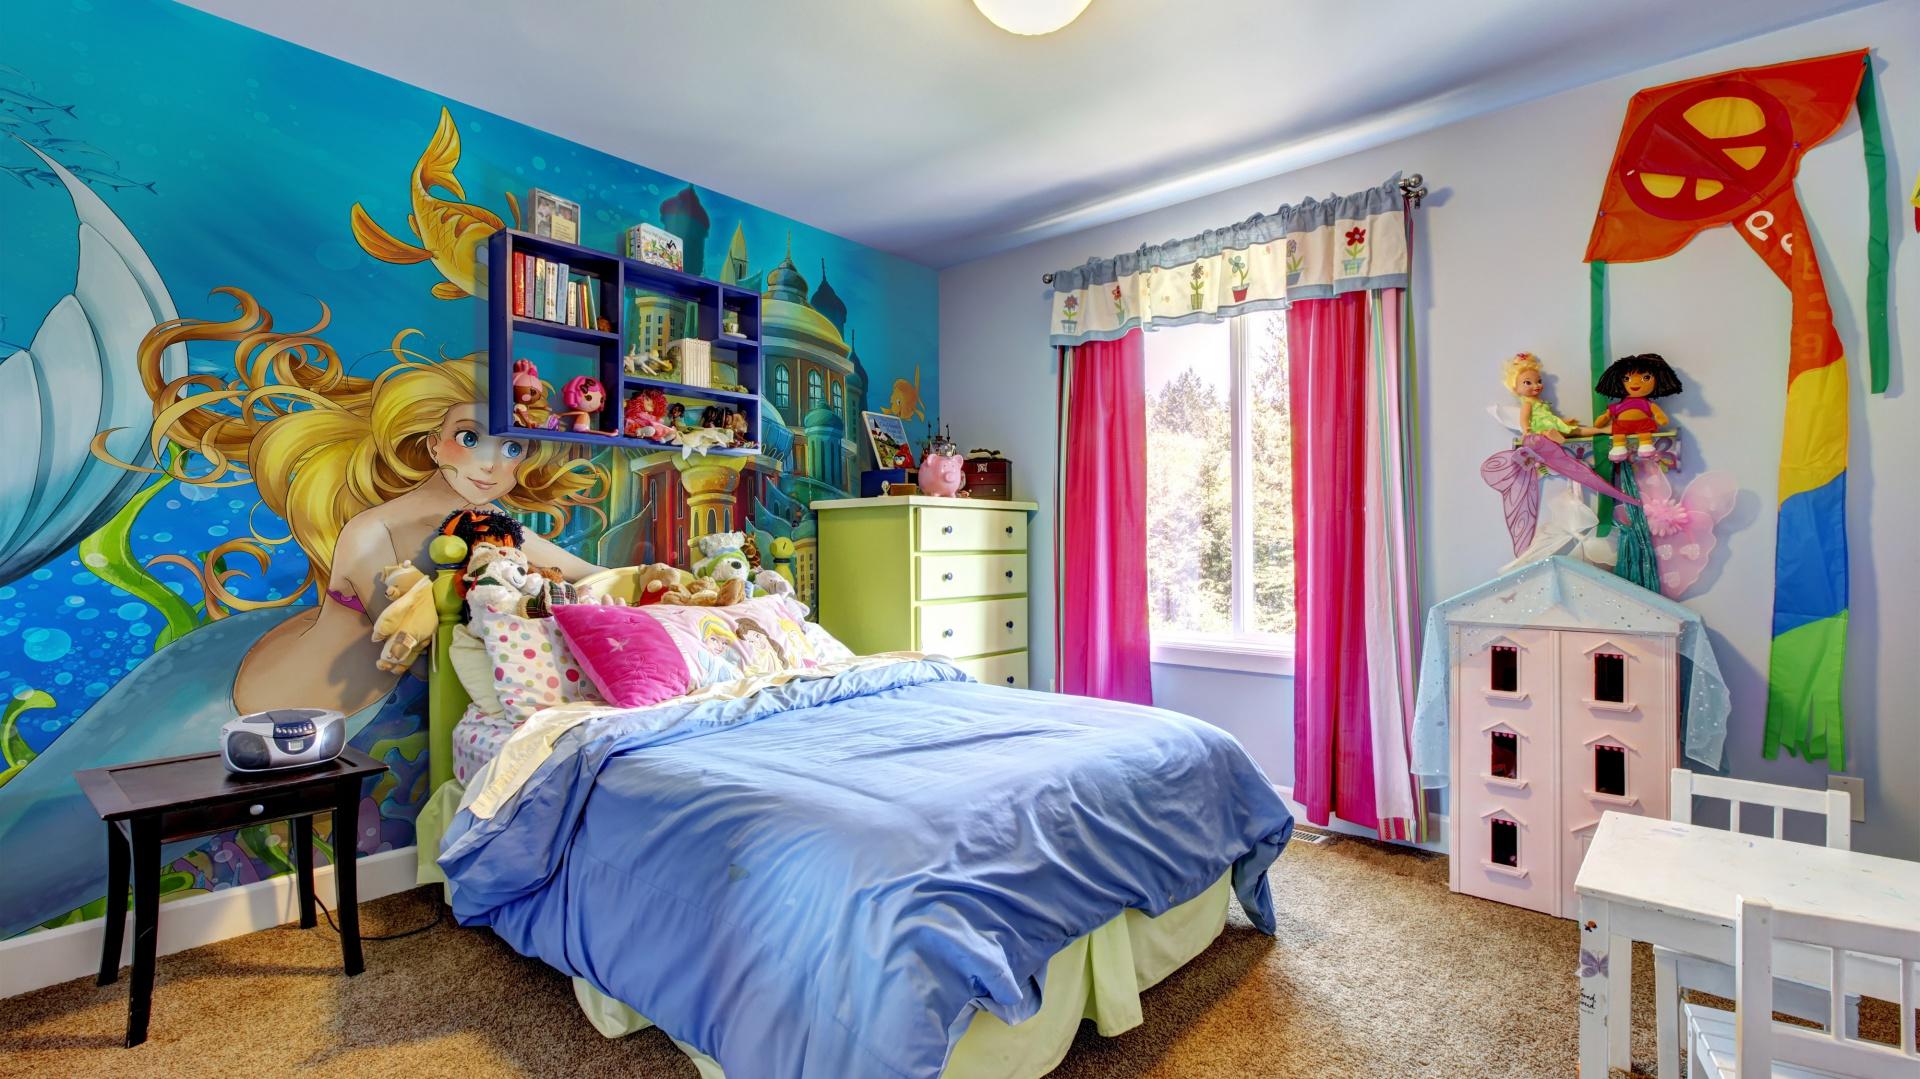 Kolorowa fototapeta inspirowana bajką o Małej Syrence spektakularnie ożywi pokój oraz wzbudzi zachwyt każdej małej dziewczynki. Fot. Minka Kids.